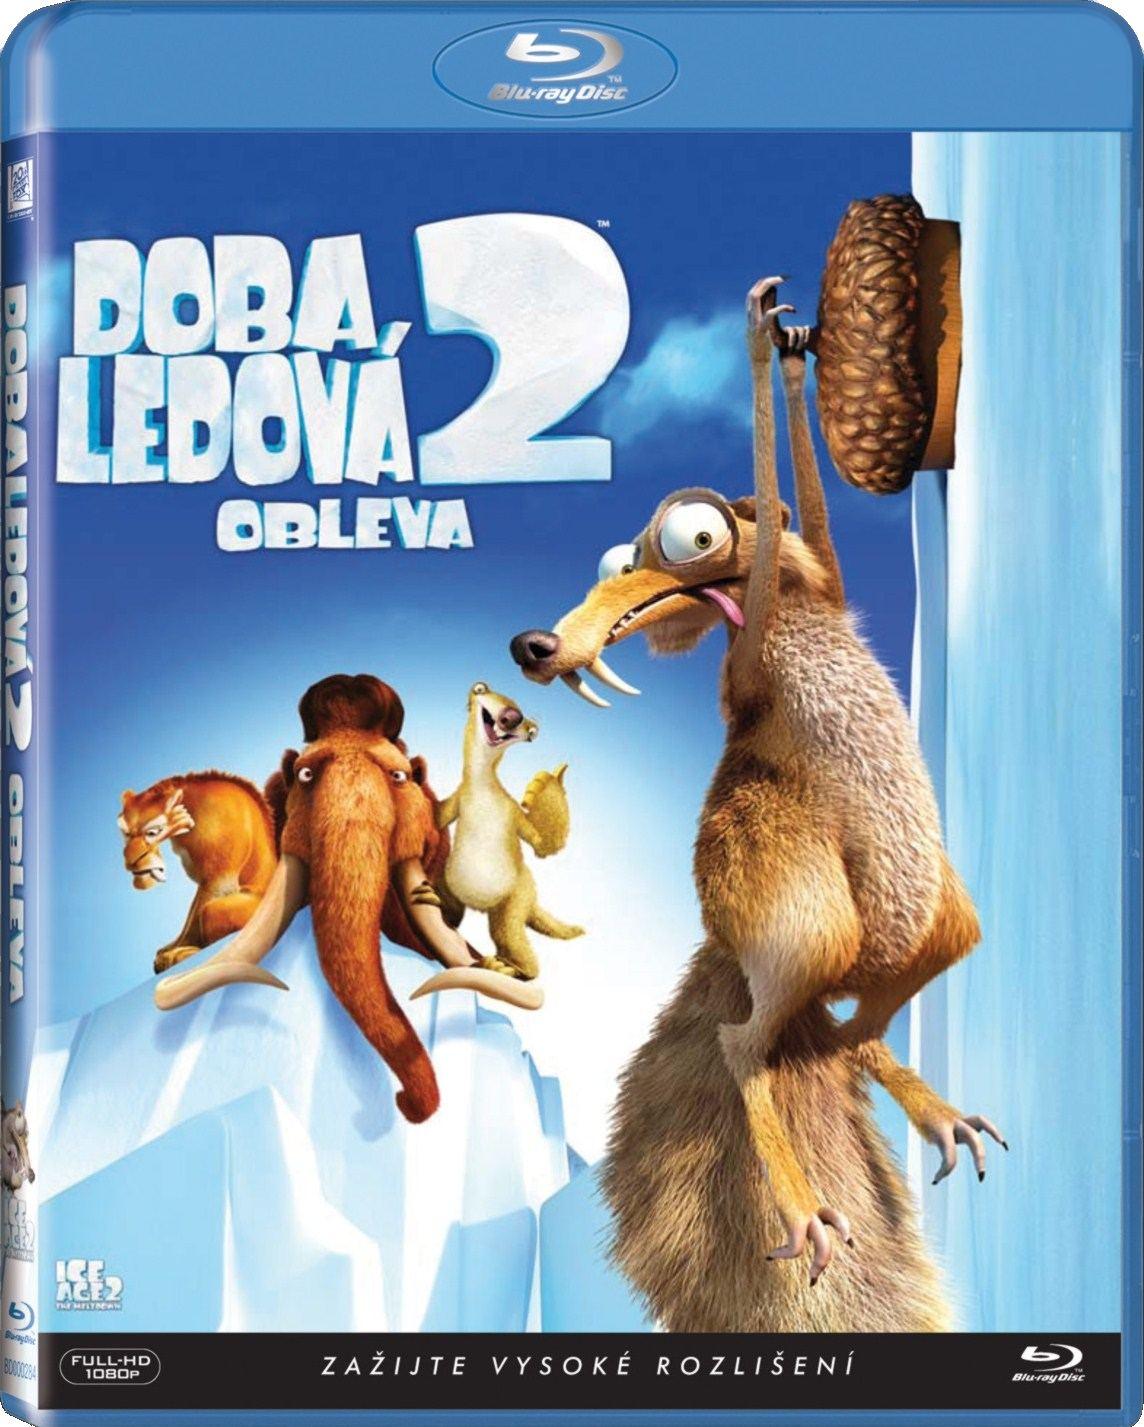 DOBA LEDOVÁ 2: OBLEVA - Blu-ray